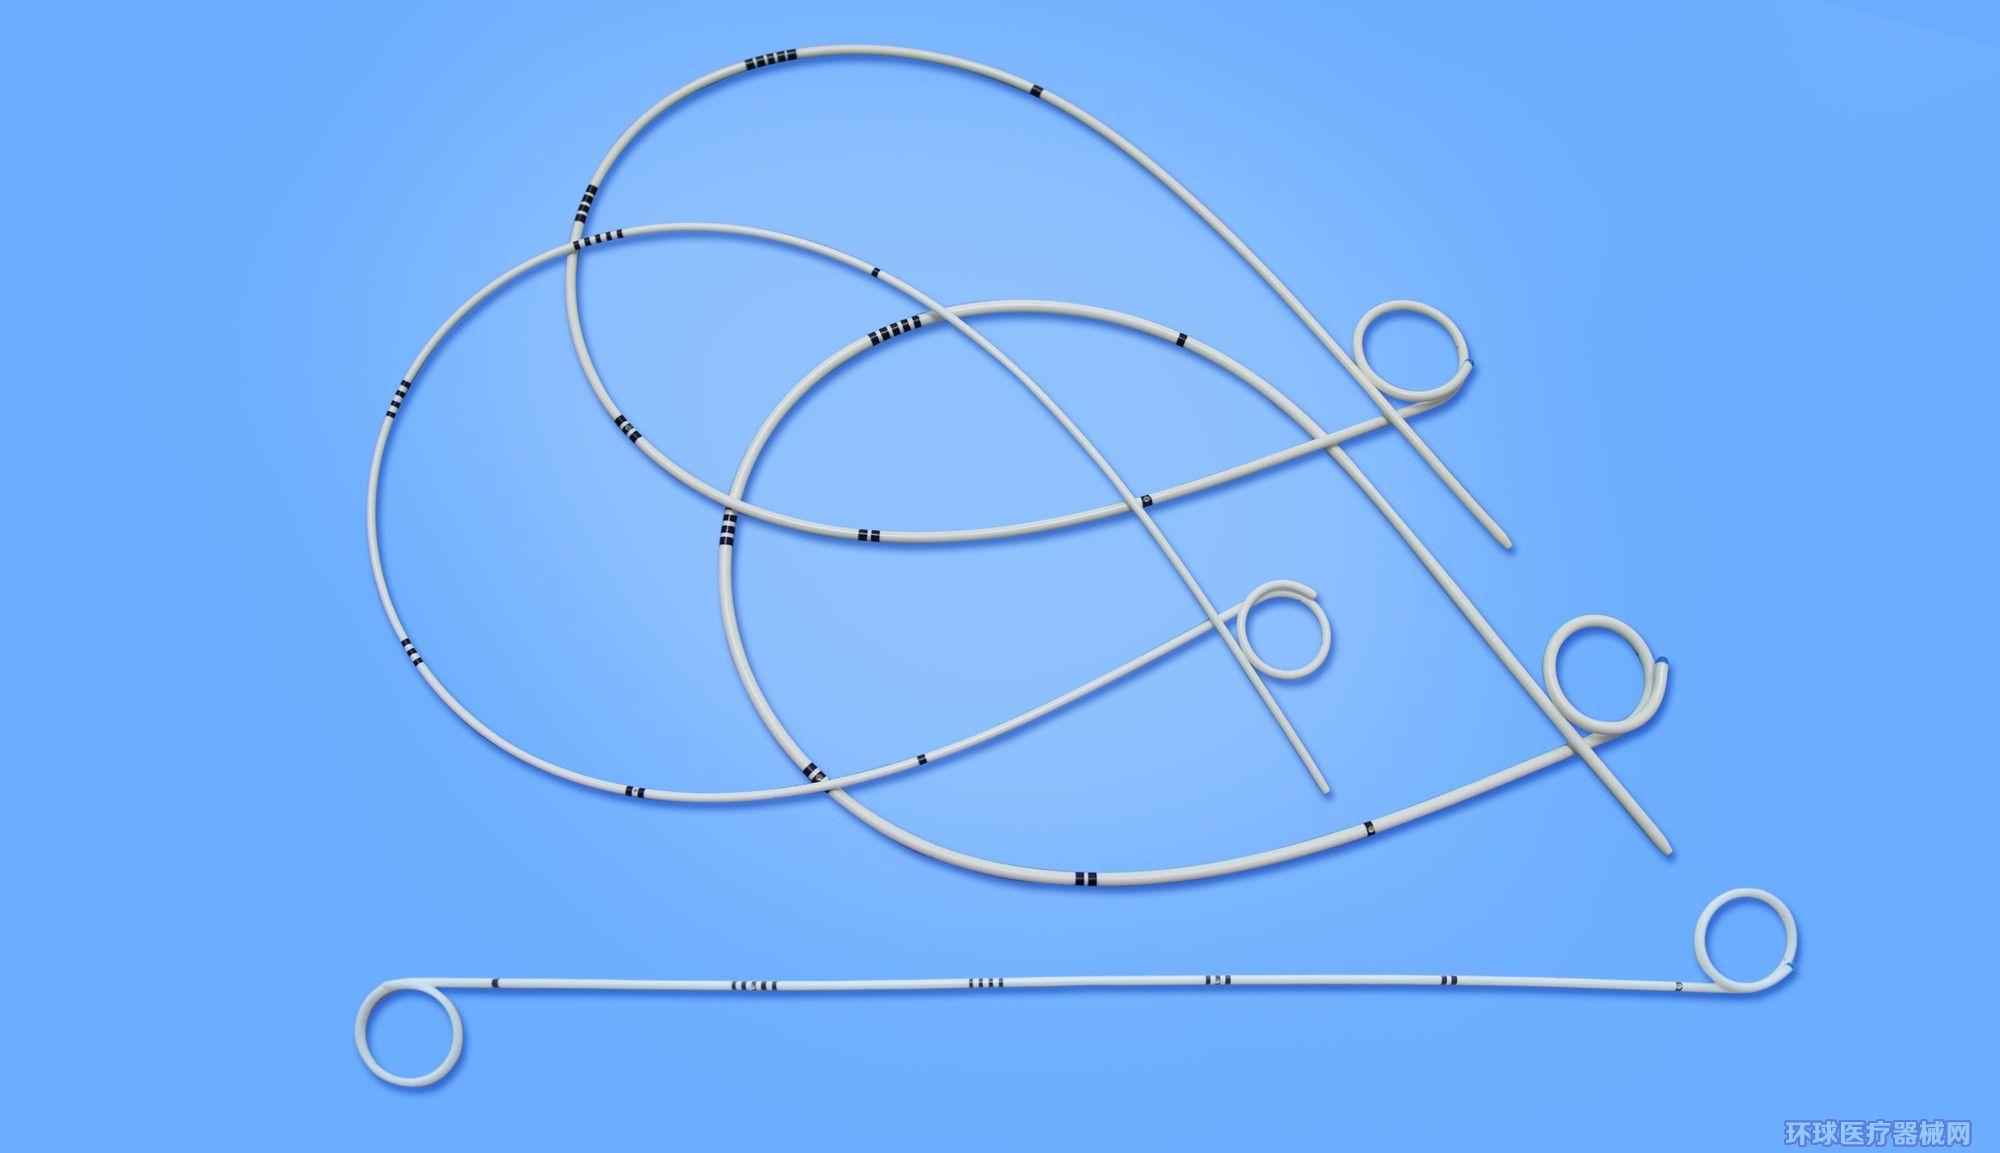 一次性使用无菌猪尾导尿支架